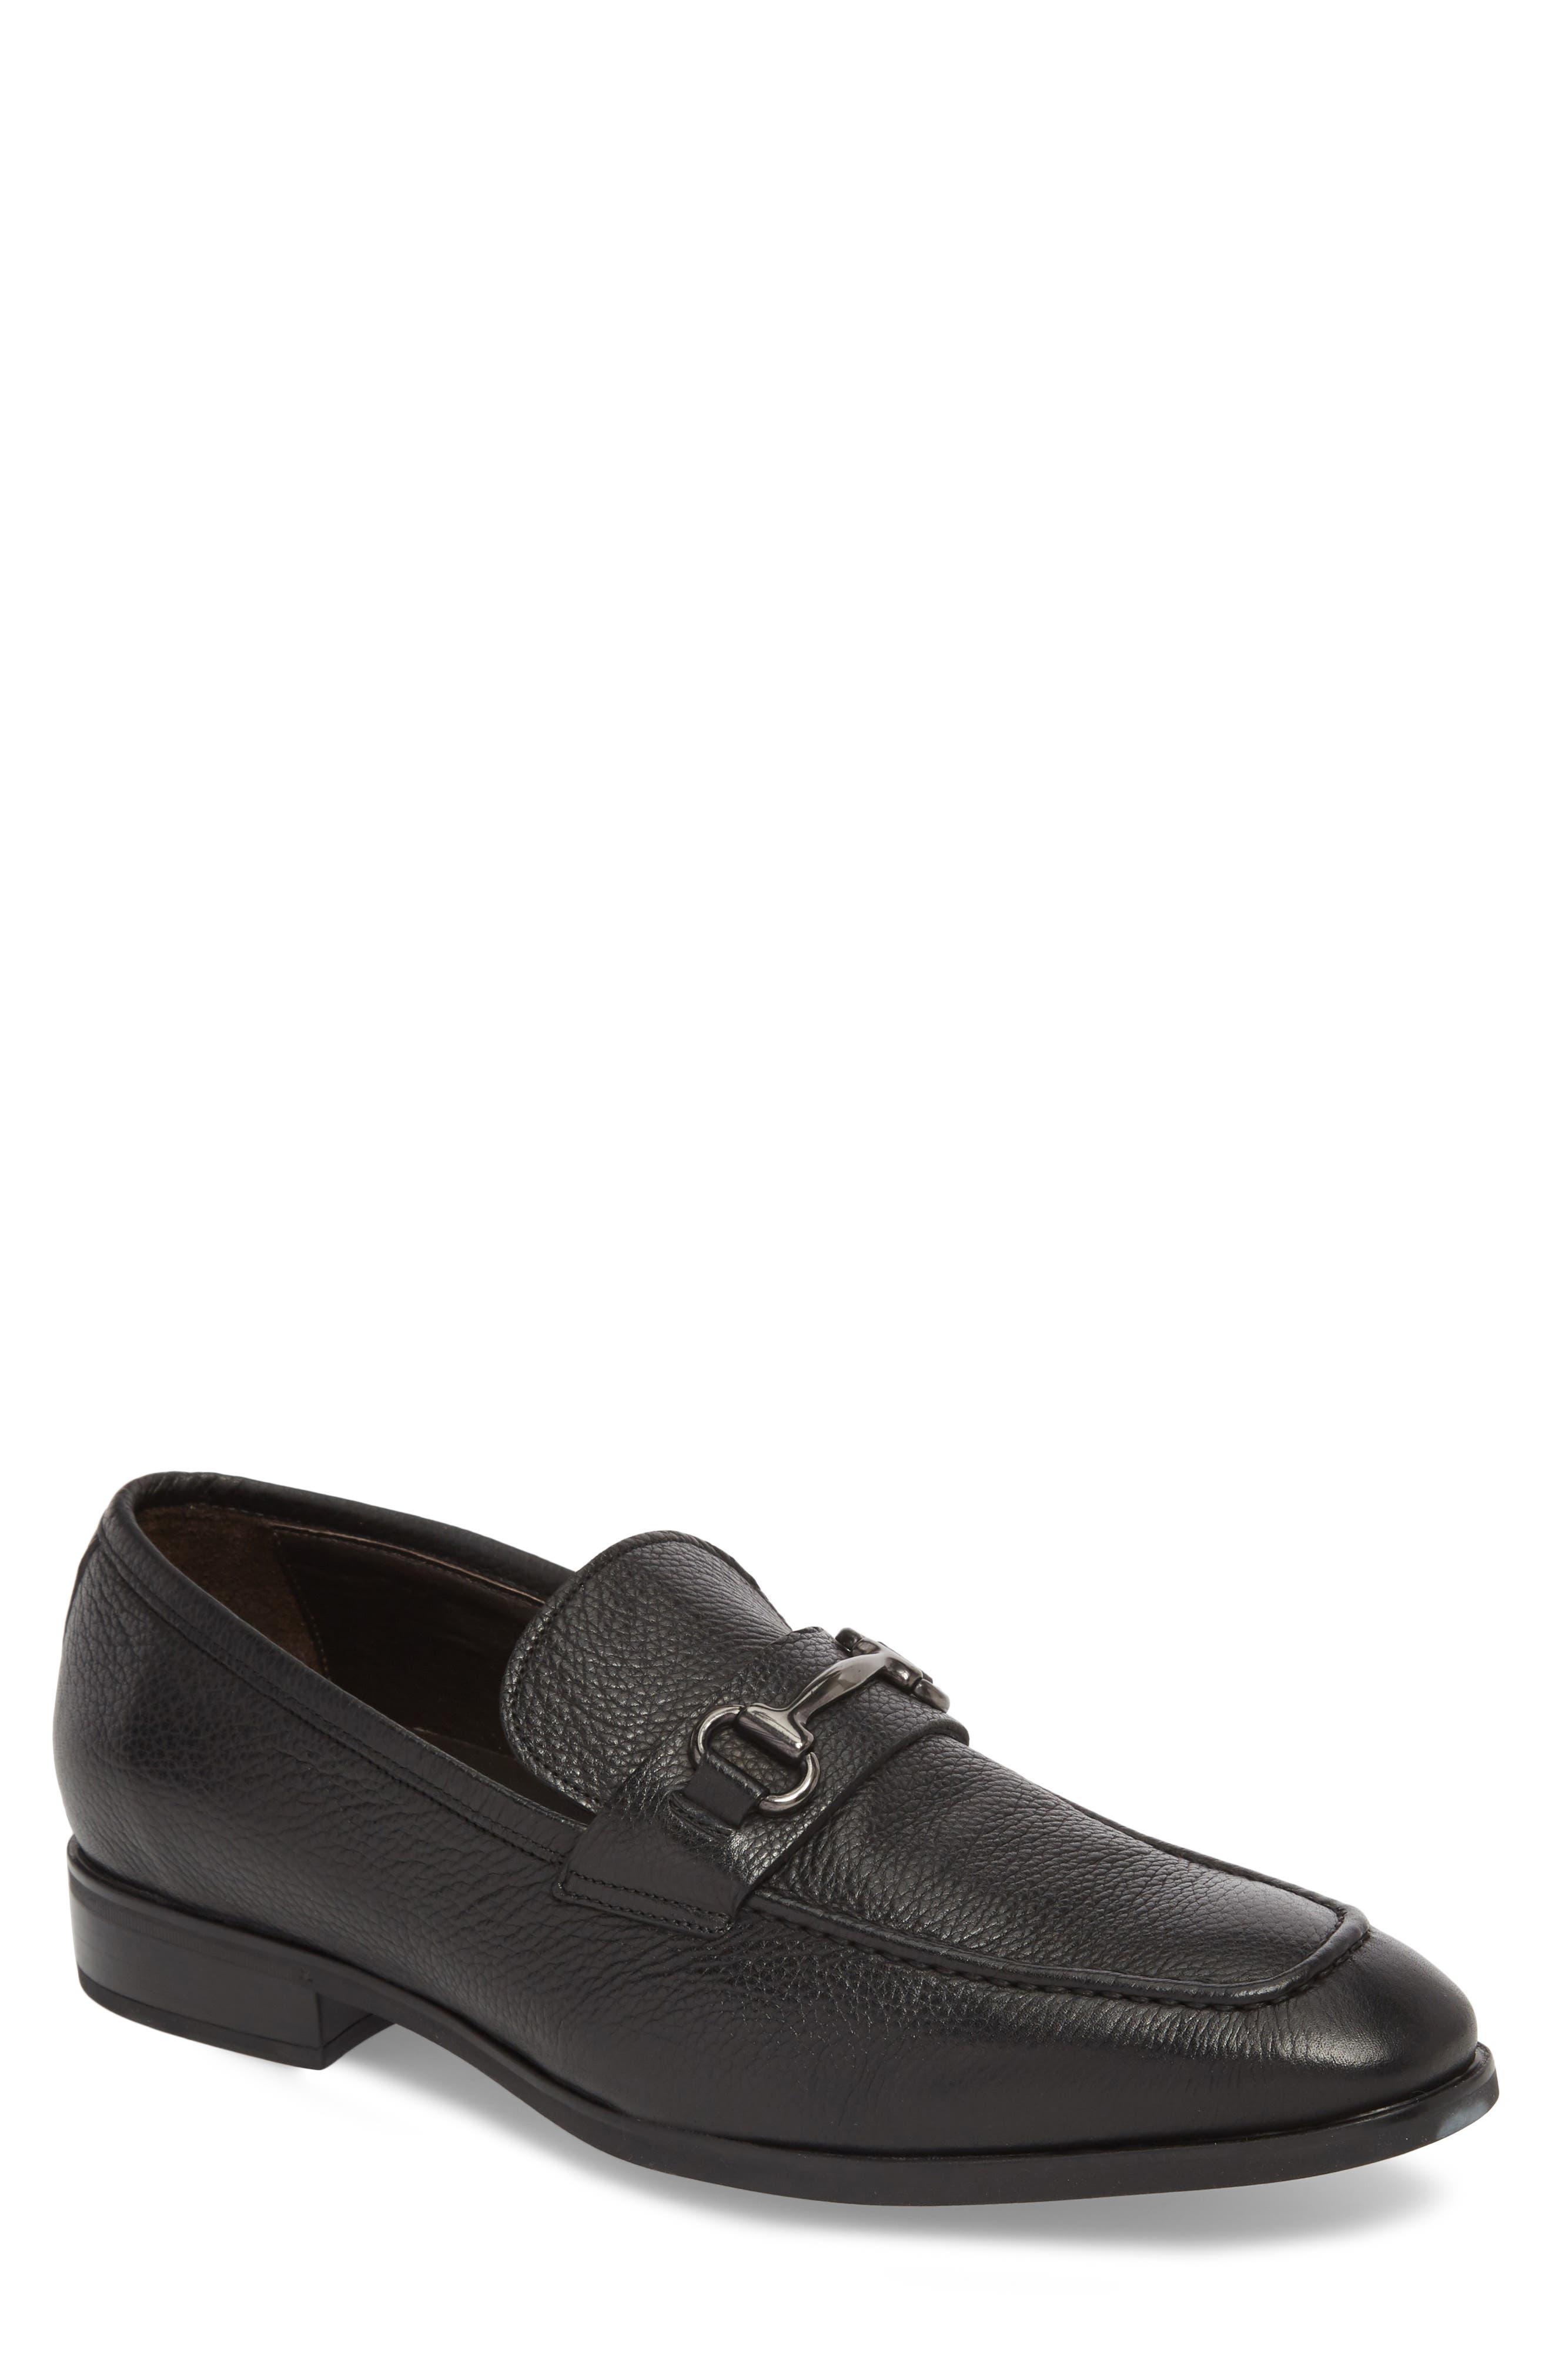 Brussels Bit Loafer,                         Main,                         color, BLACK LEATHER